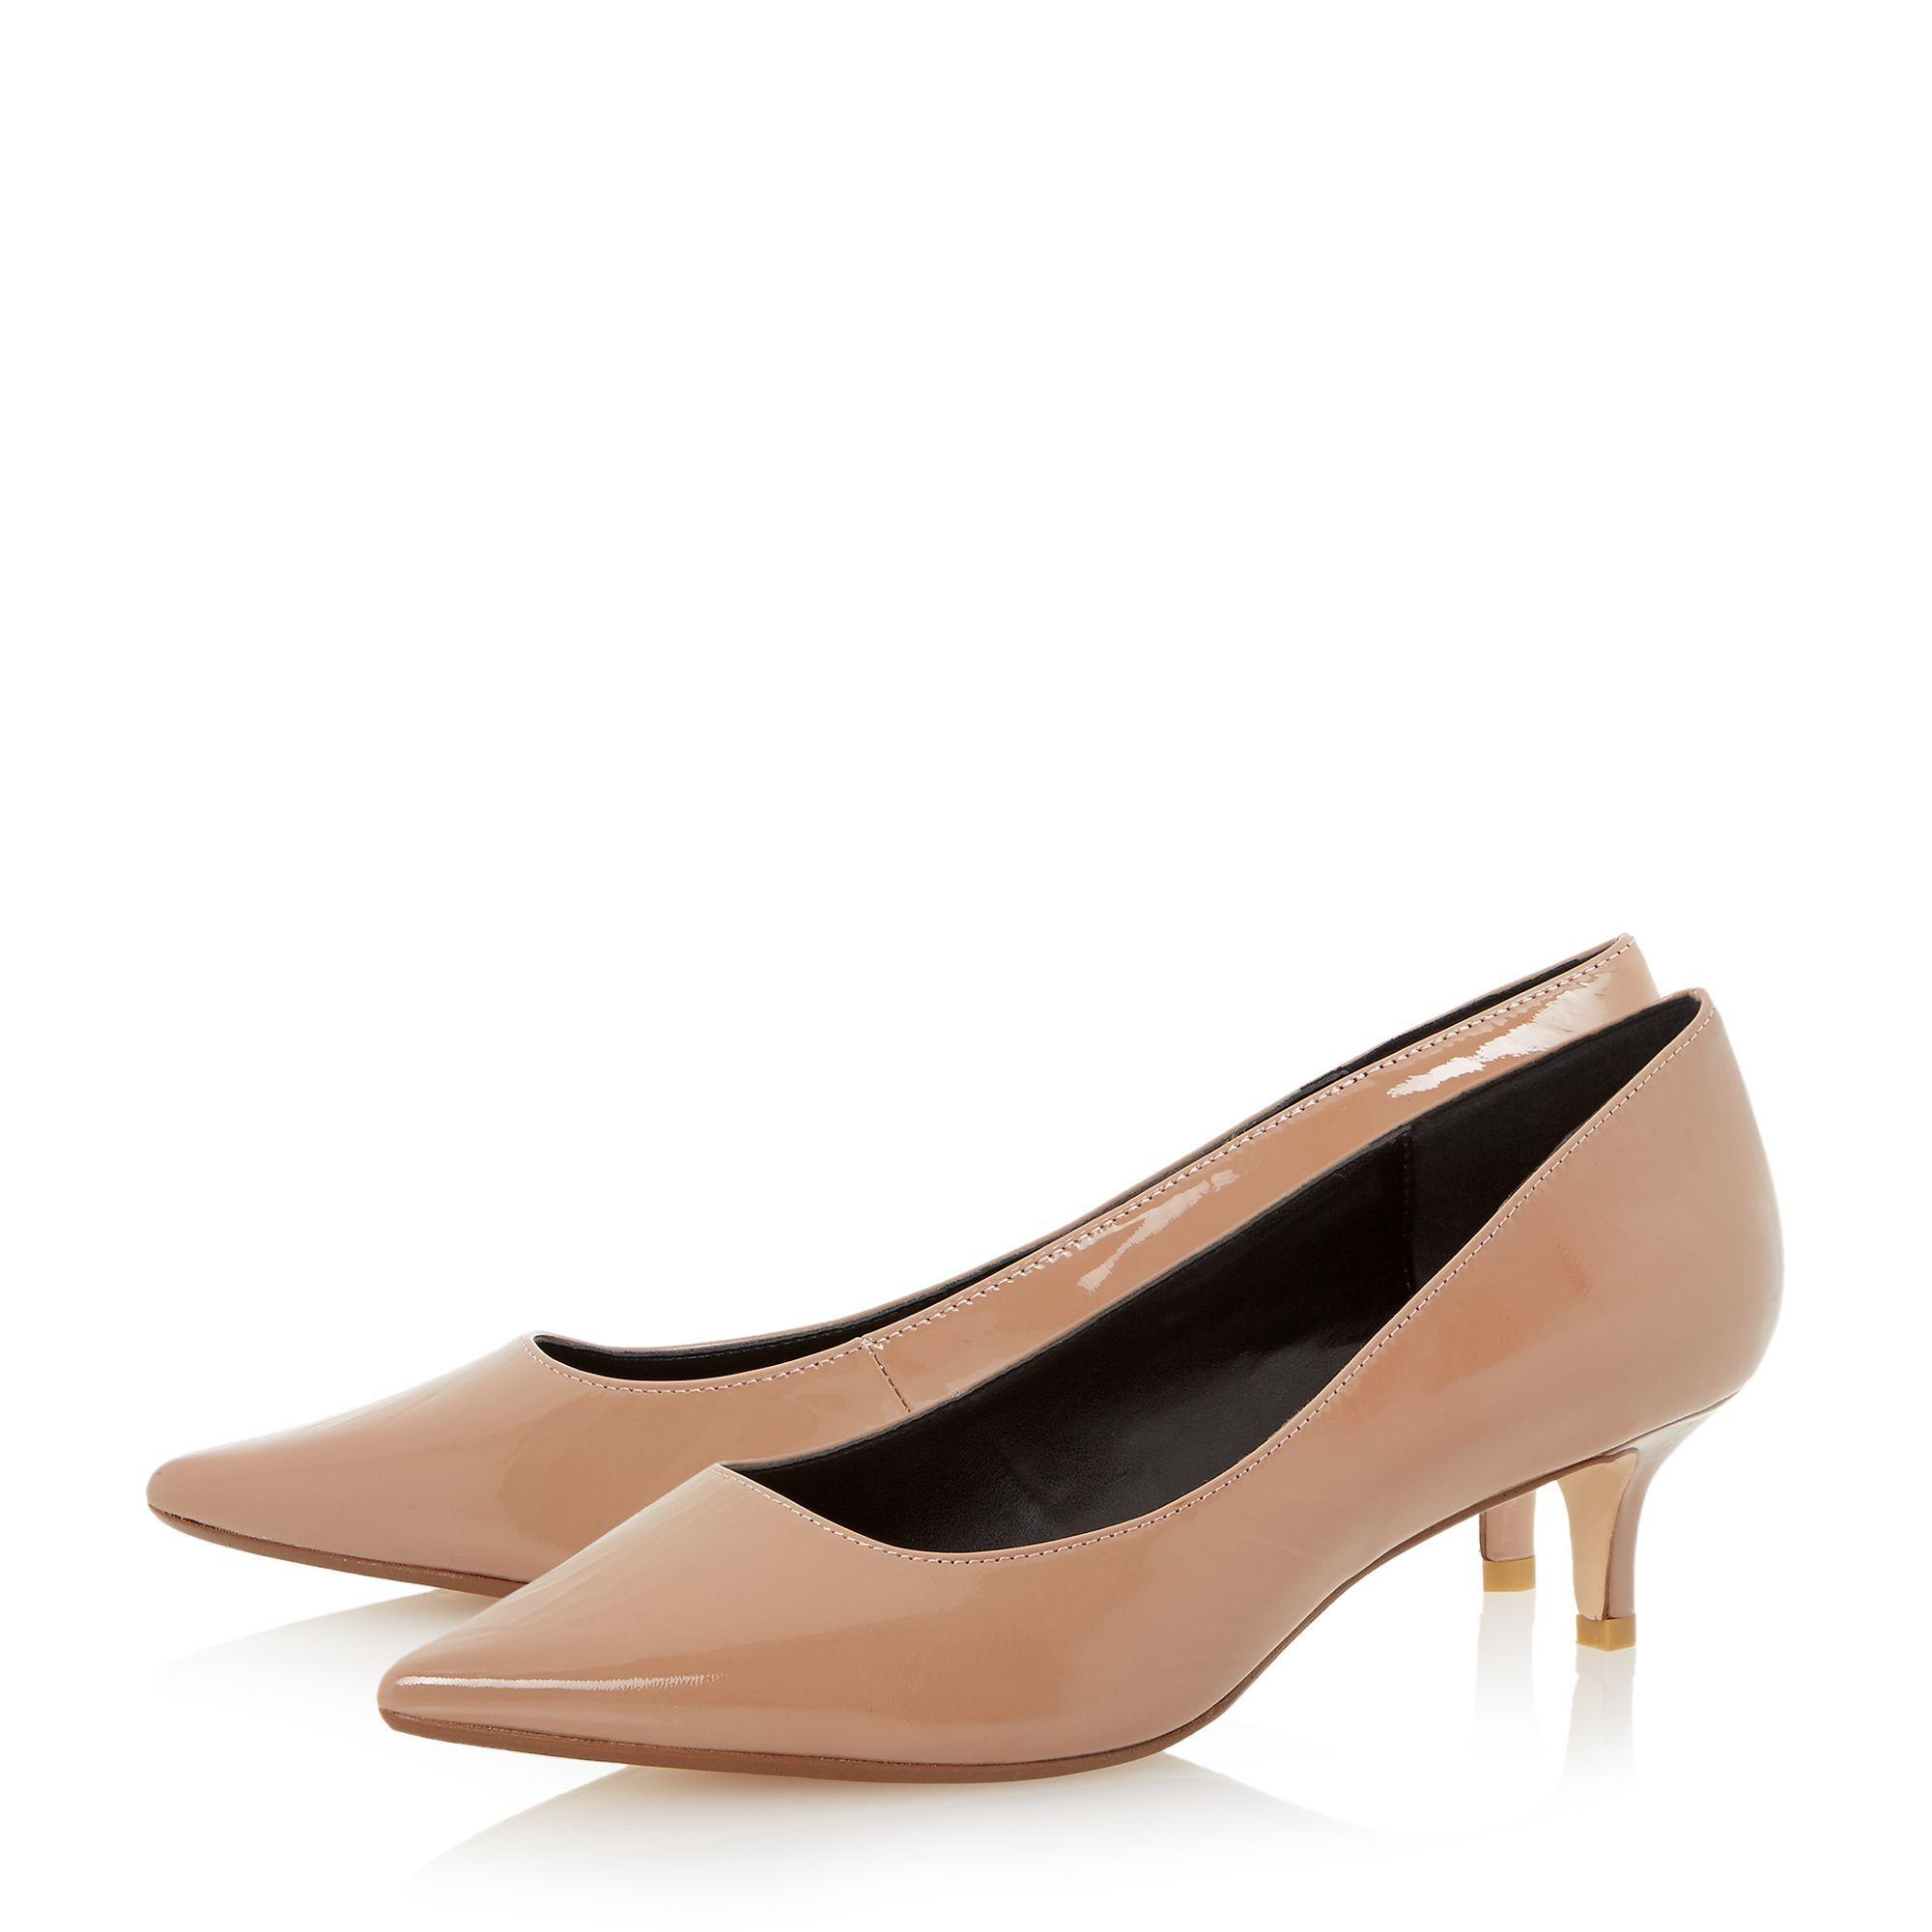 Short Platform Heels | Fs Heel